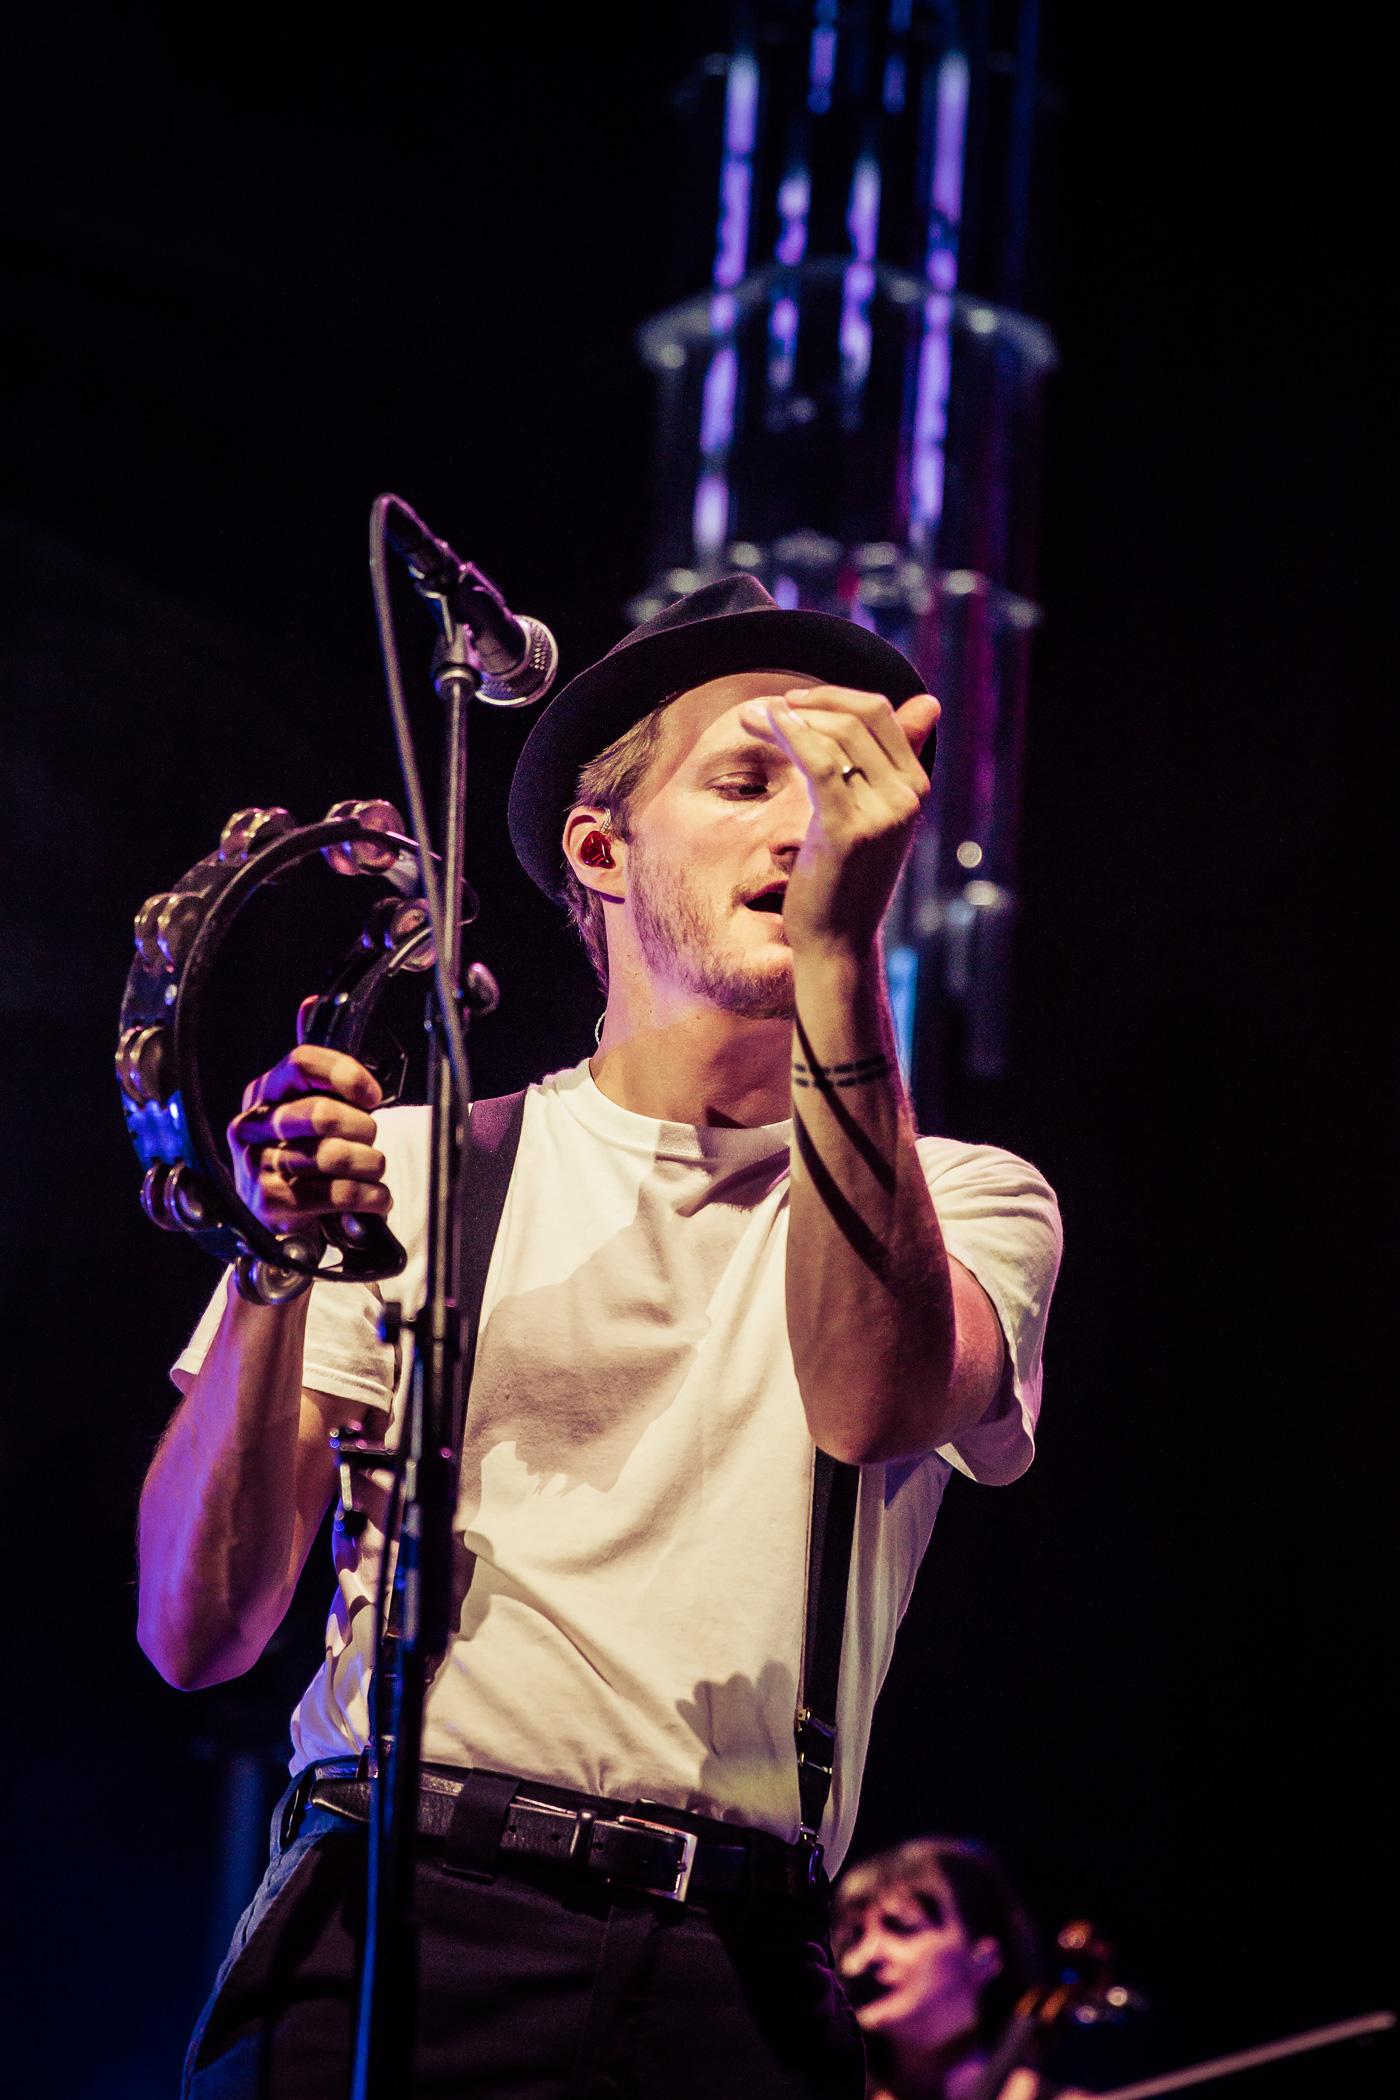 The Lumineers - Denver Concert Photos - Fiddler's Green